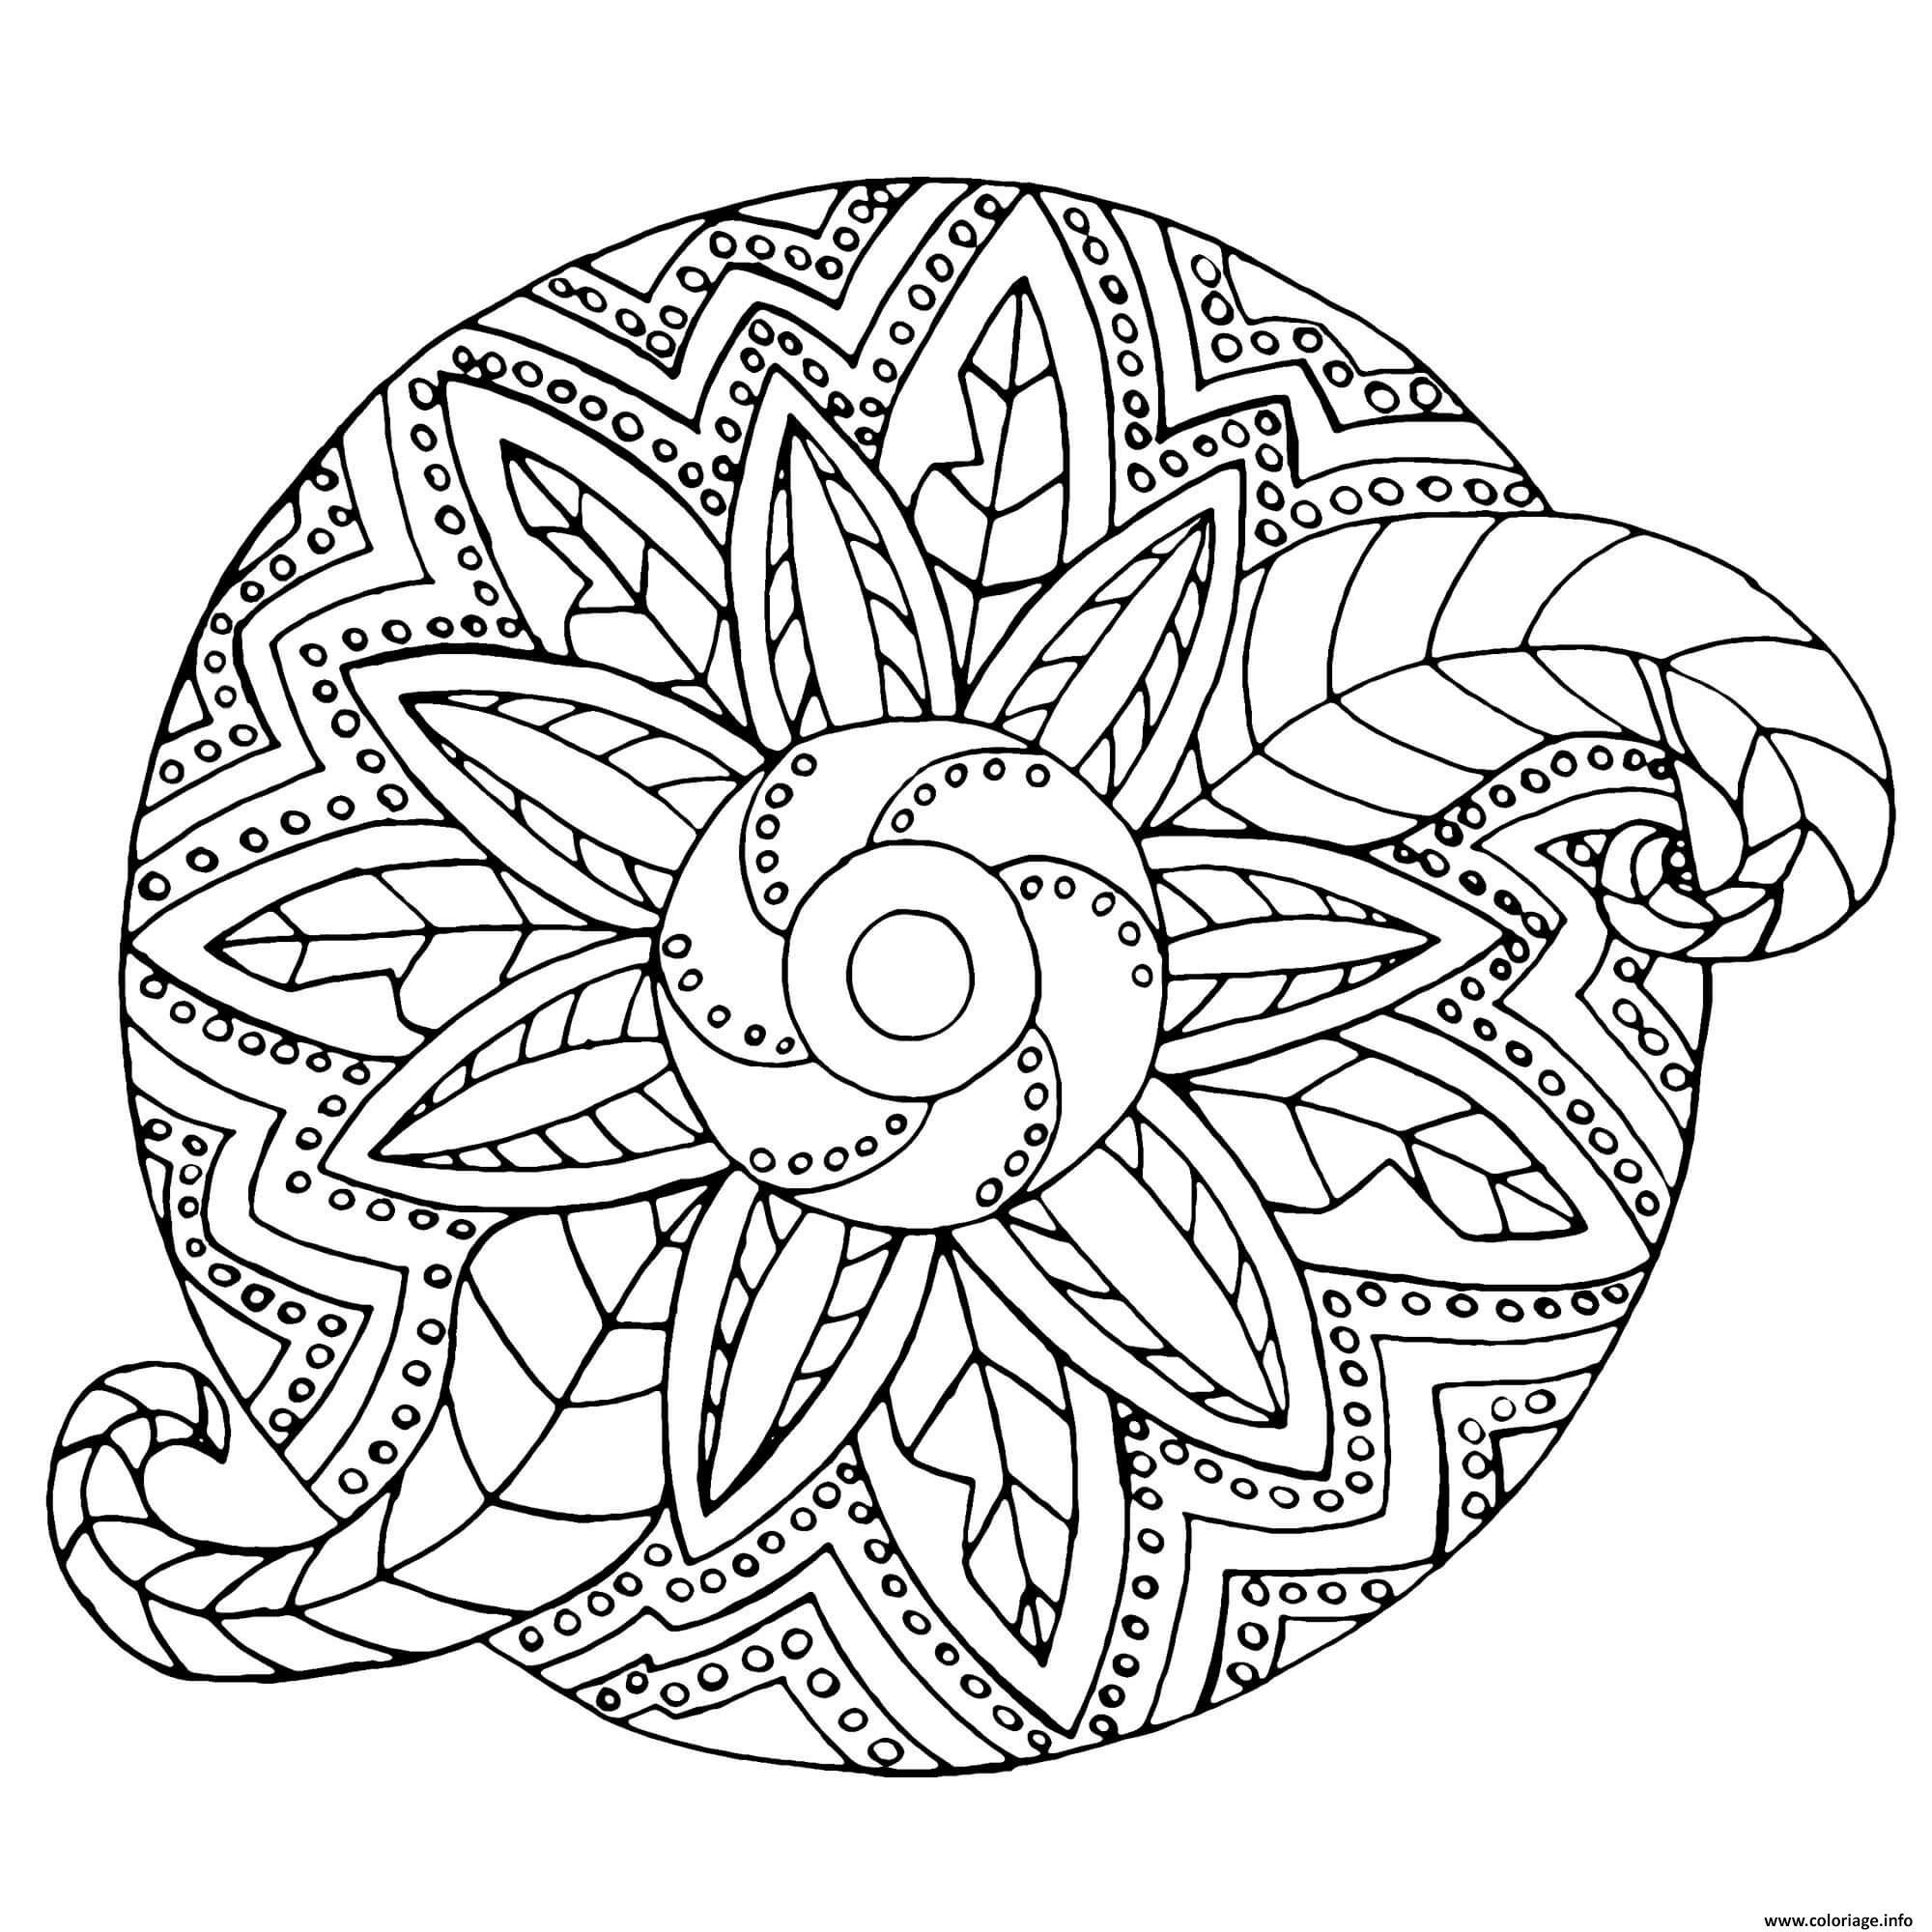 Coloriage Mandala Adulte Fleur Vegetal Dessin tout Mandala À Colorier Et À Imprimer Gratuit